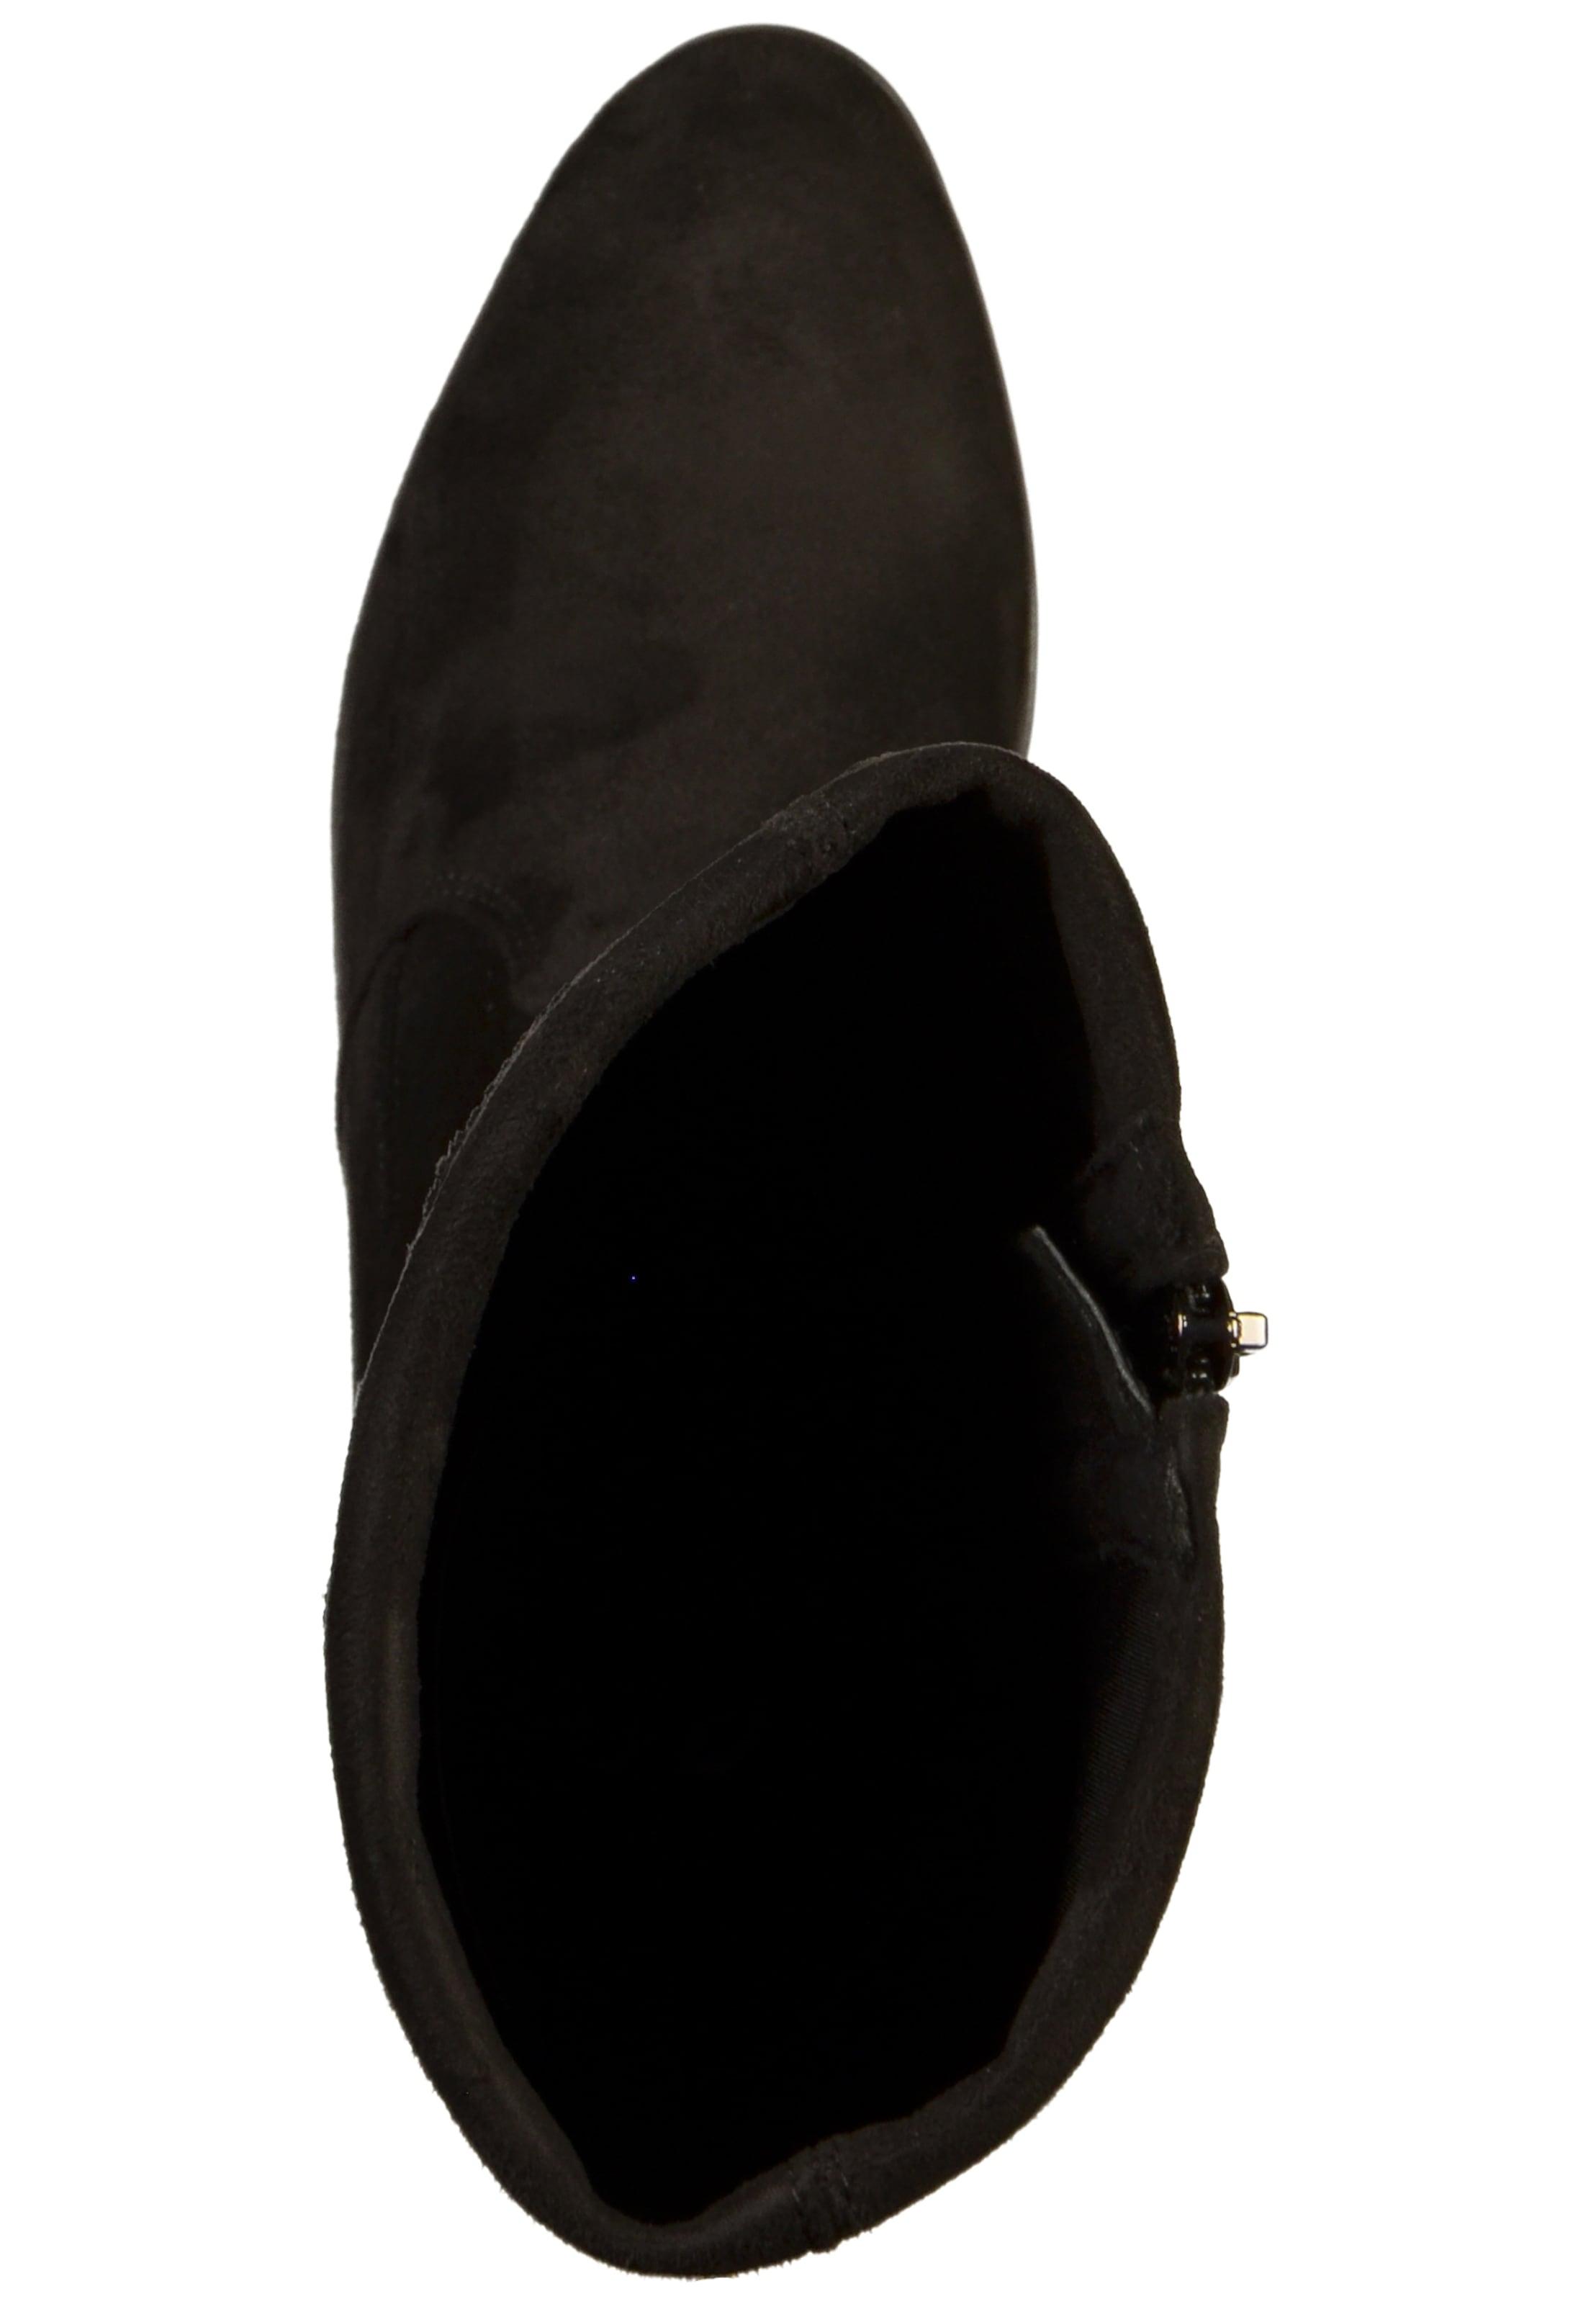 Stiefel Ara Ara In In Ara Stiefel Stiefel Ara Schwarz Schwarz Schwarz In vO8Nnw0m